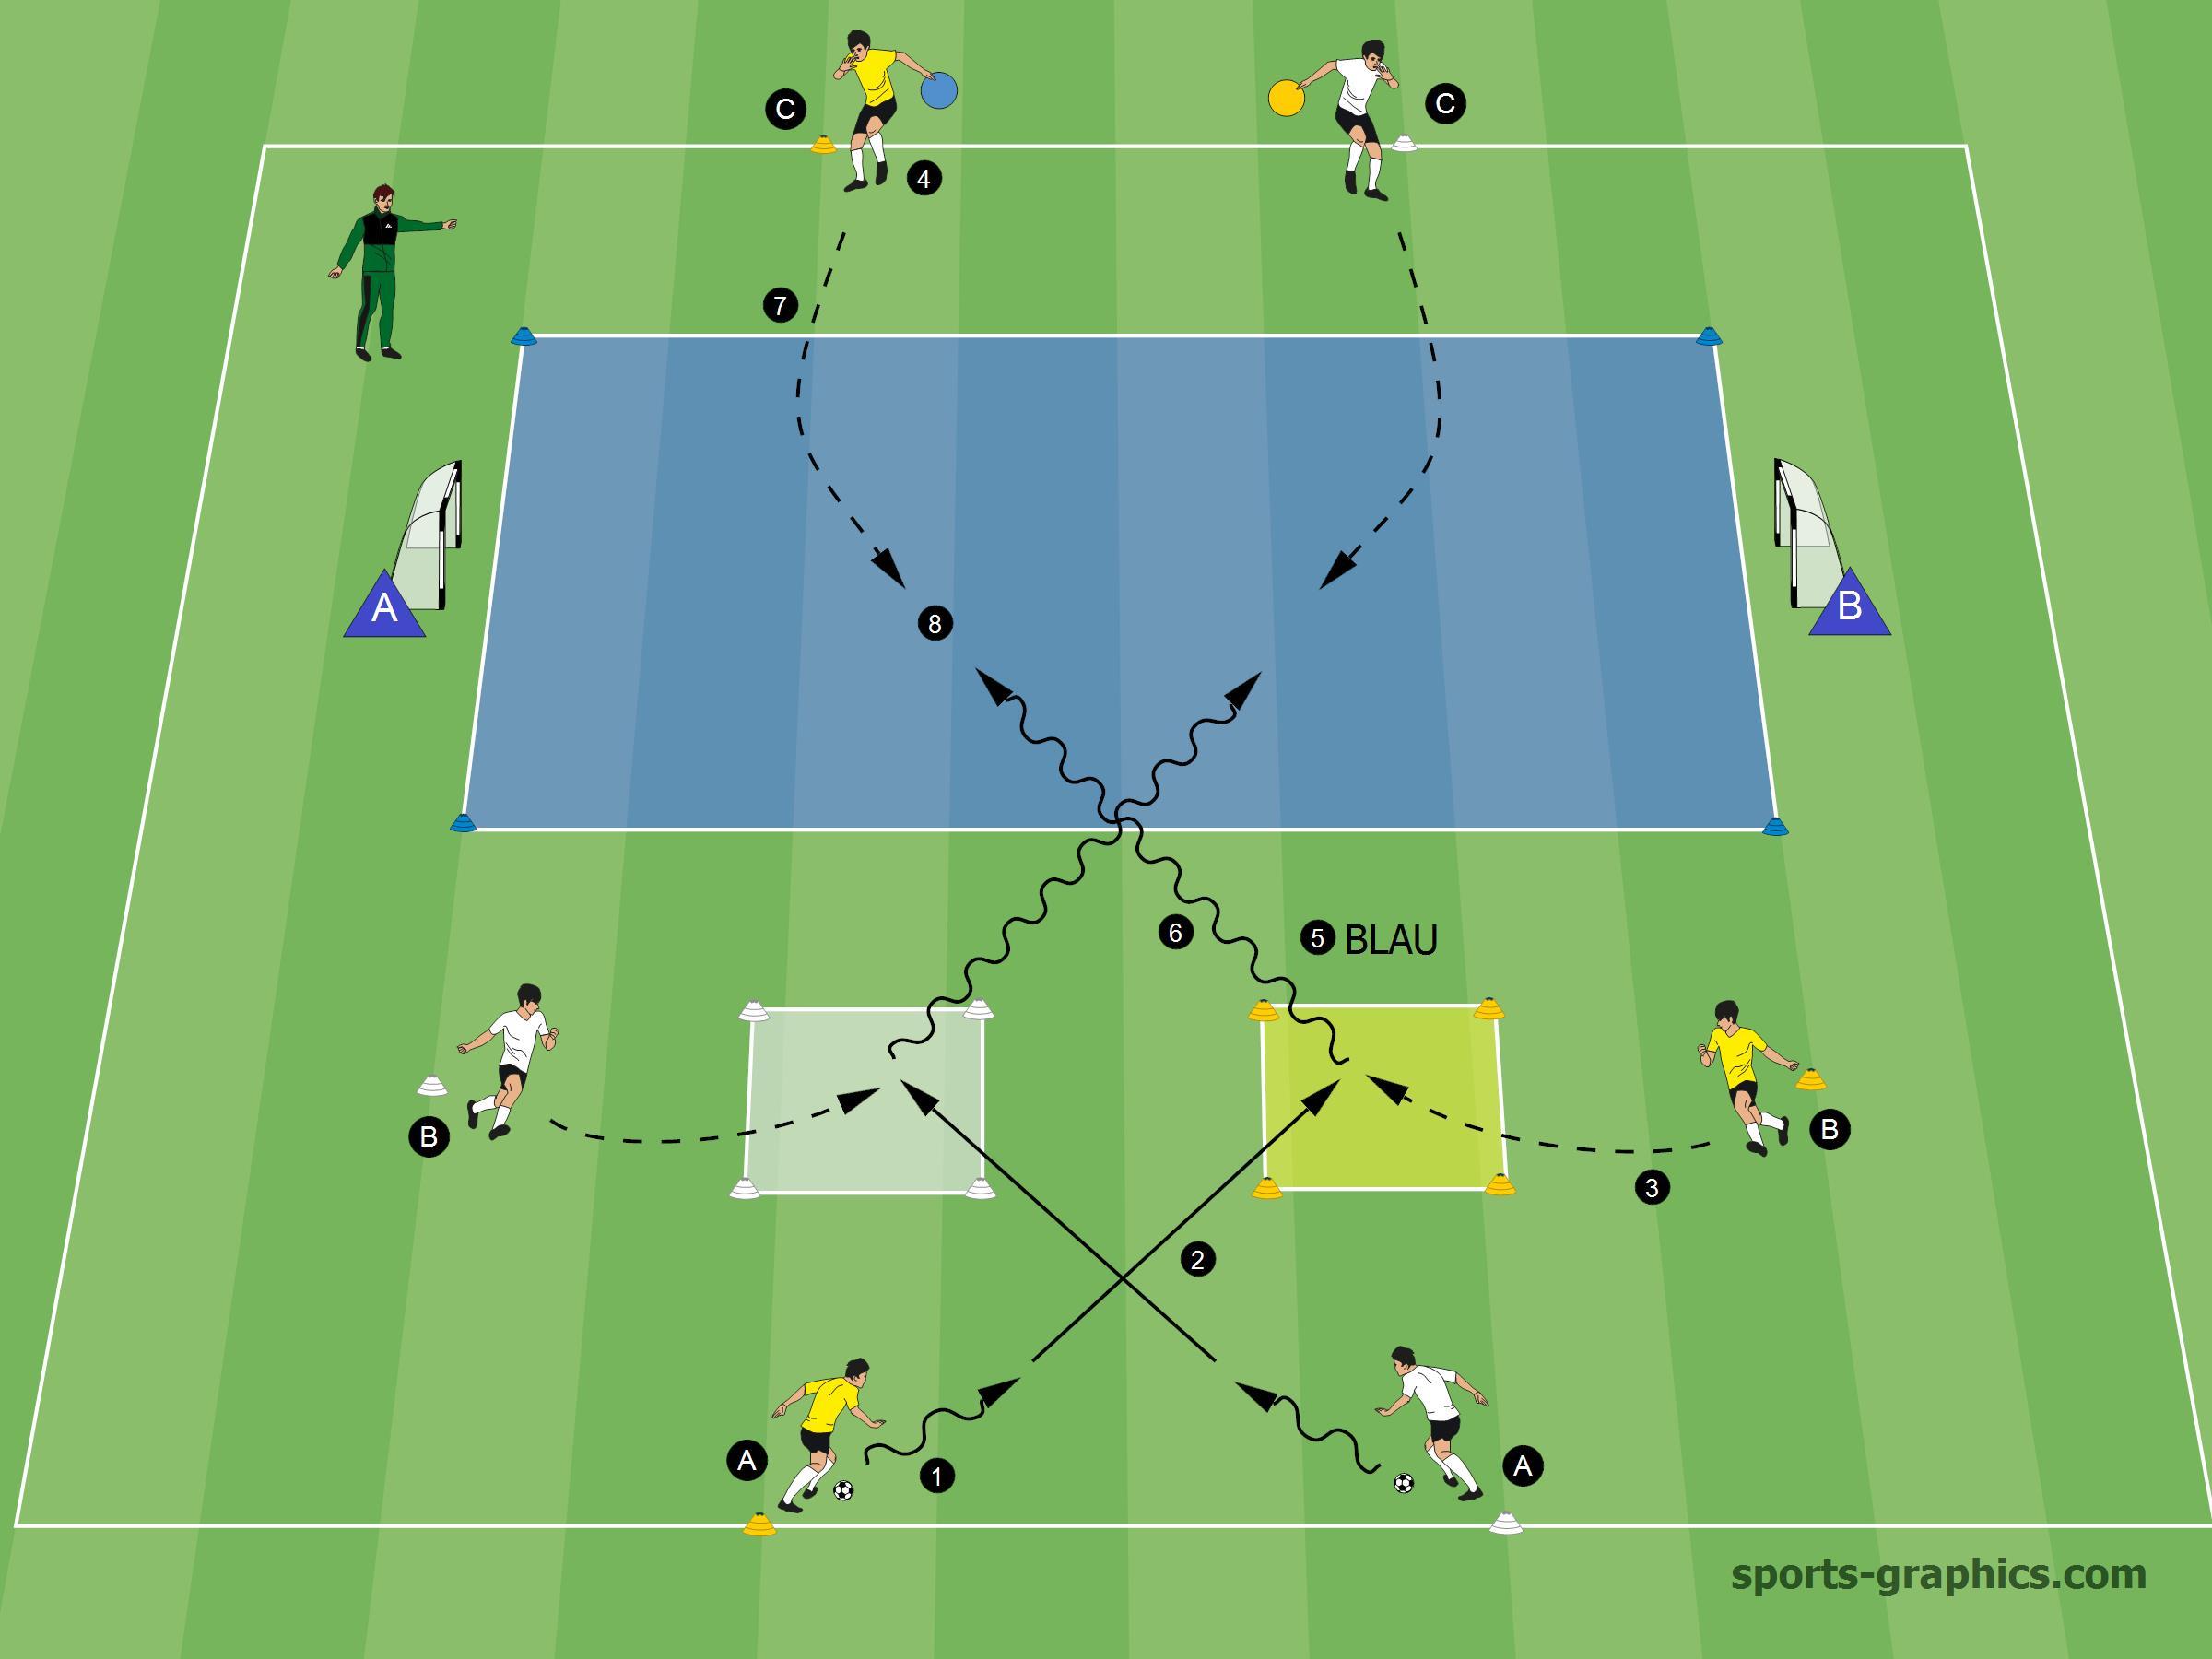 Übung zur Orientierung mit anschließendem 1 gegen 1